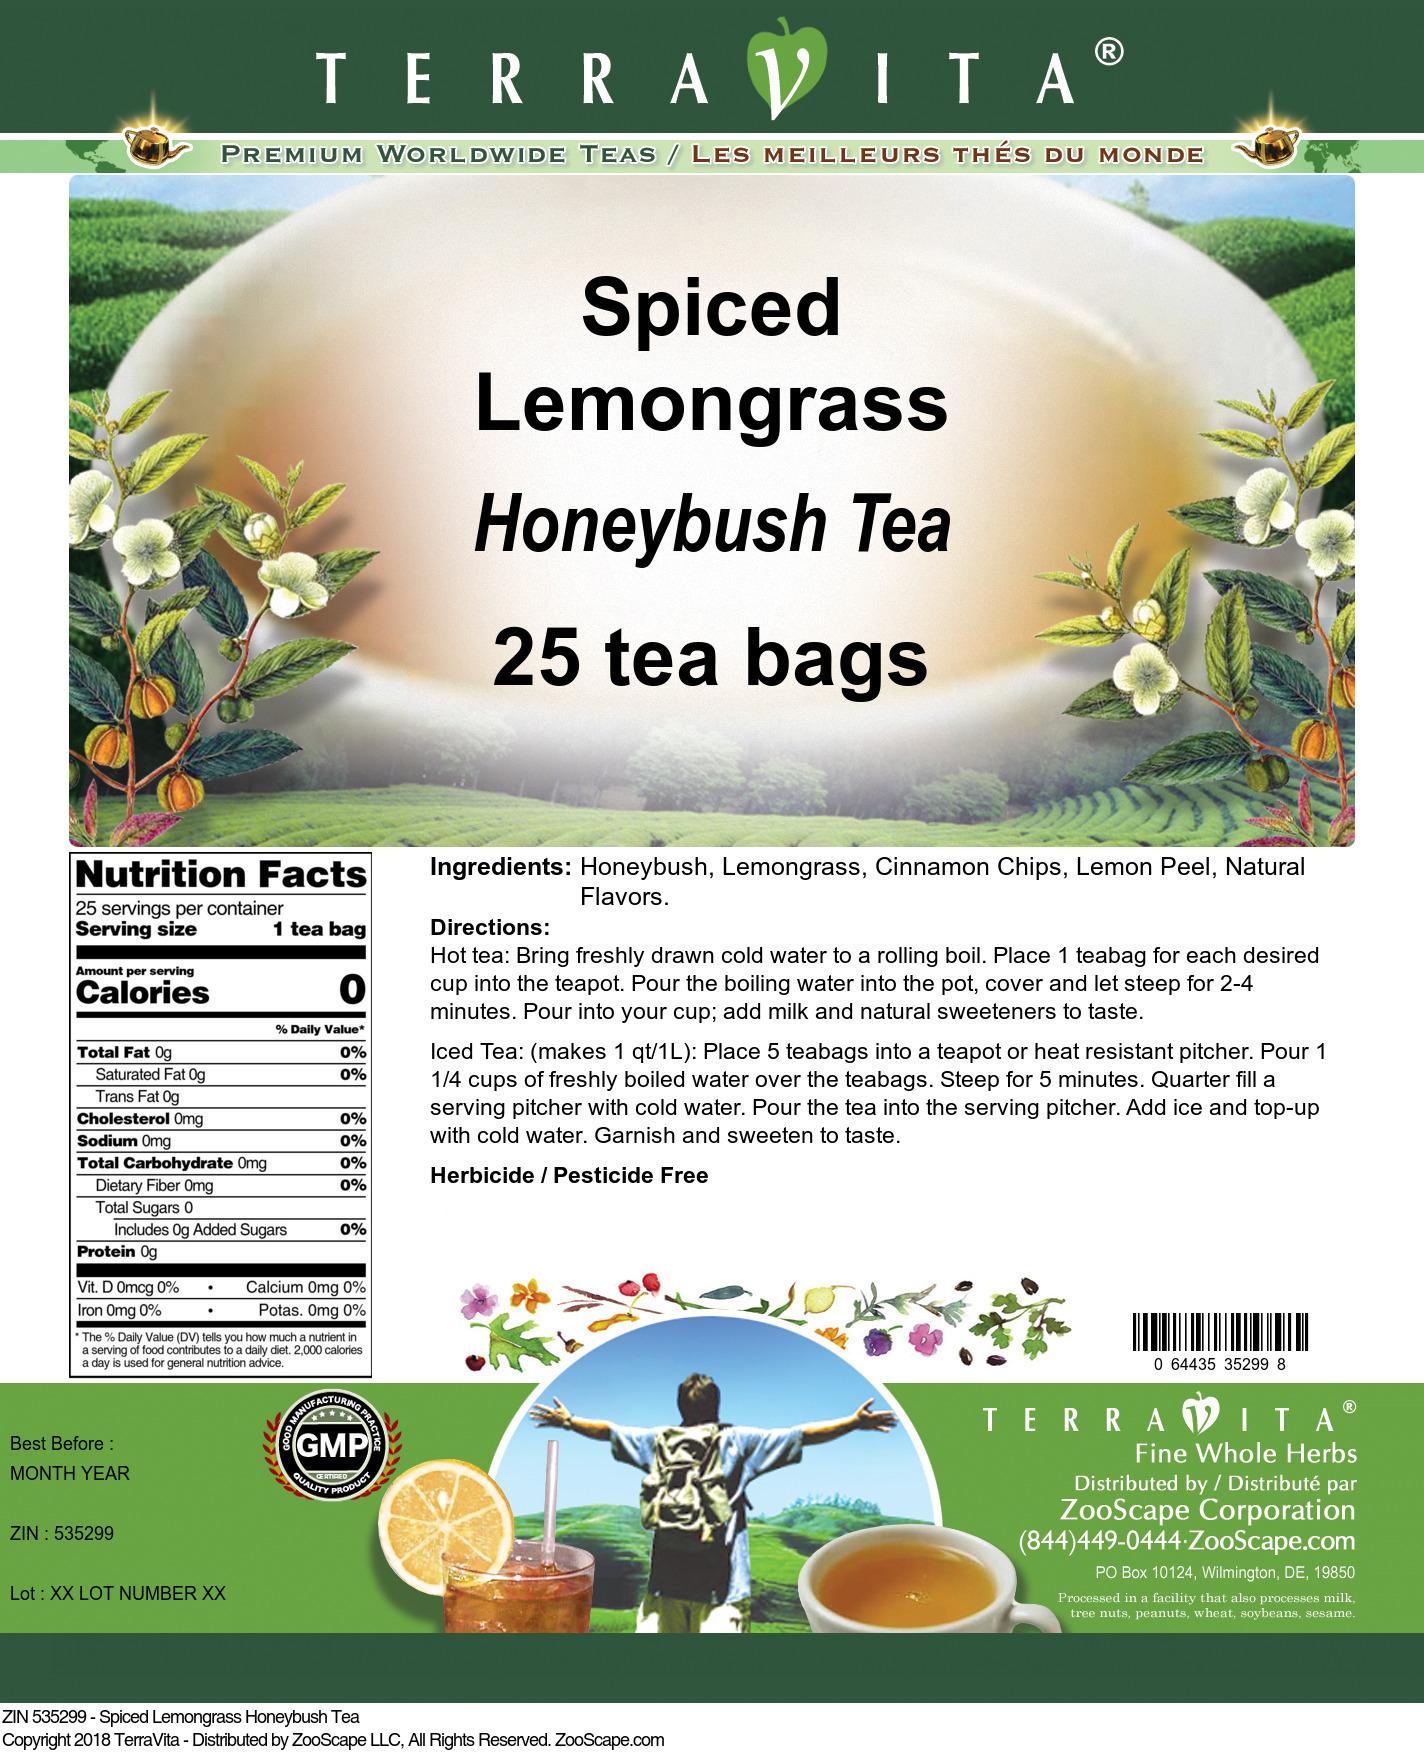 Spiced Lemongrass Honeybush Tea